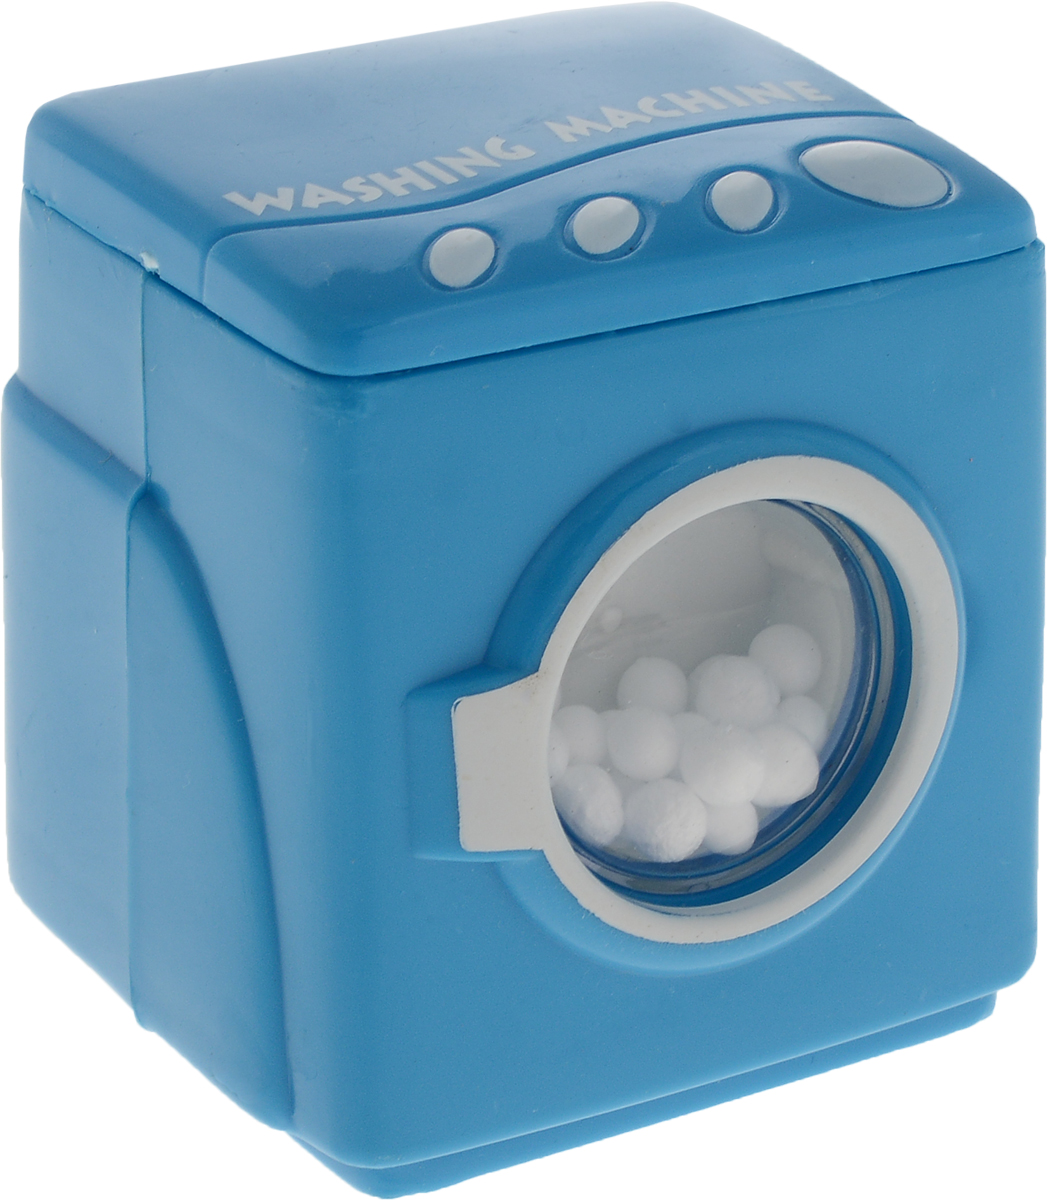 EstaBella Заводная игрушка Стиральная машина цвет голубой стиральная машинка малютка москва